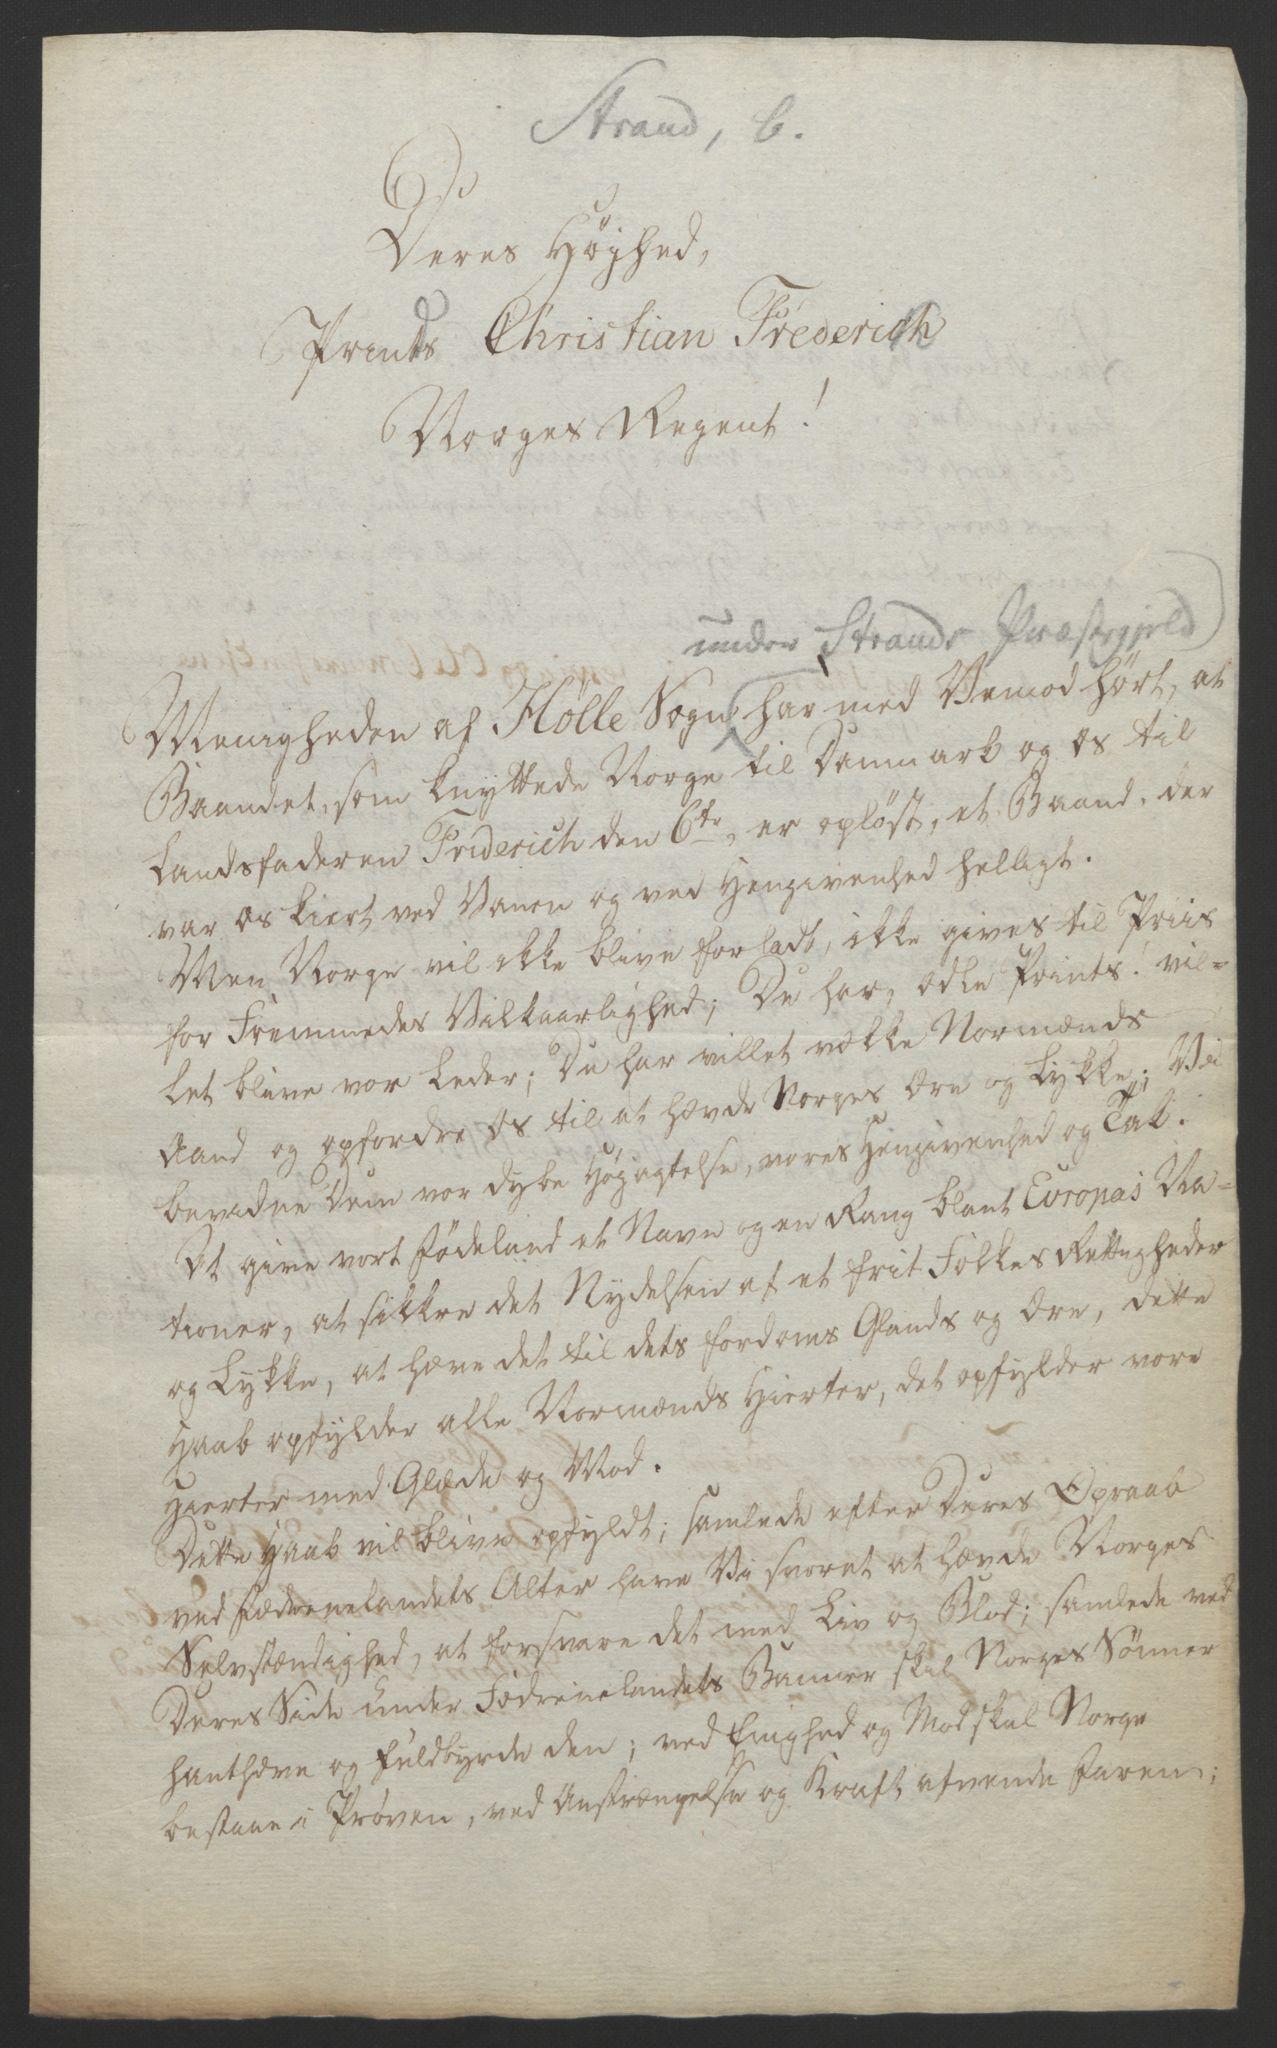 RA, Statsrådssekretariatet, D/Db/L0008: Fullmakter for Eidsvollsrepresentantene i 1814. , 1814, s. 254